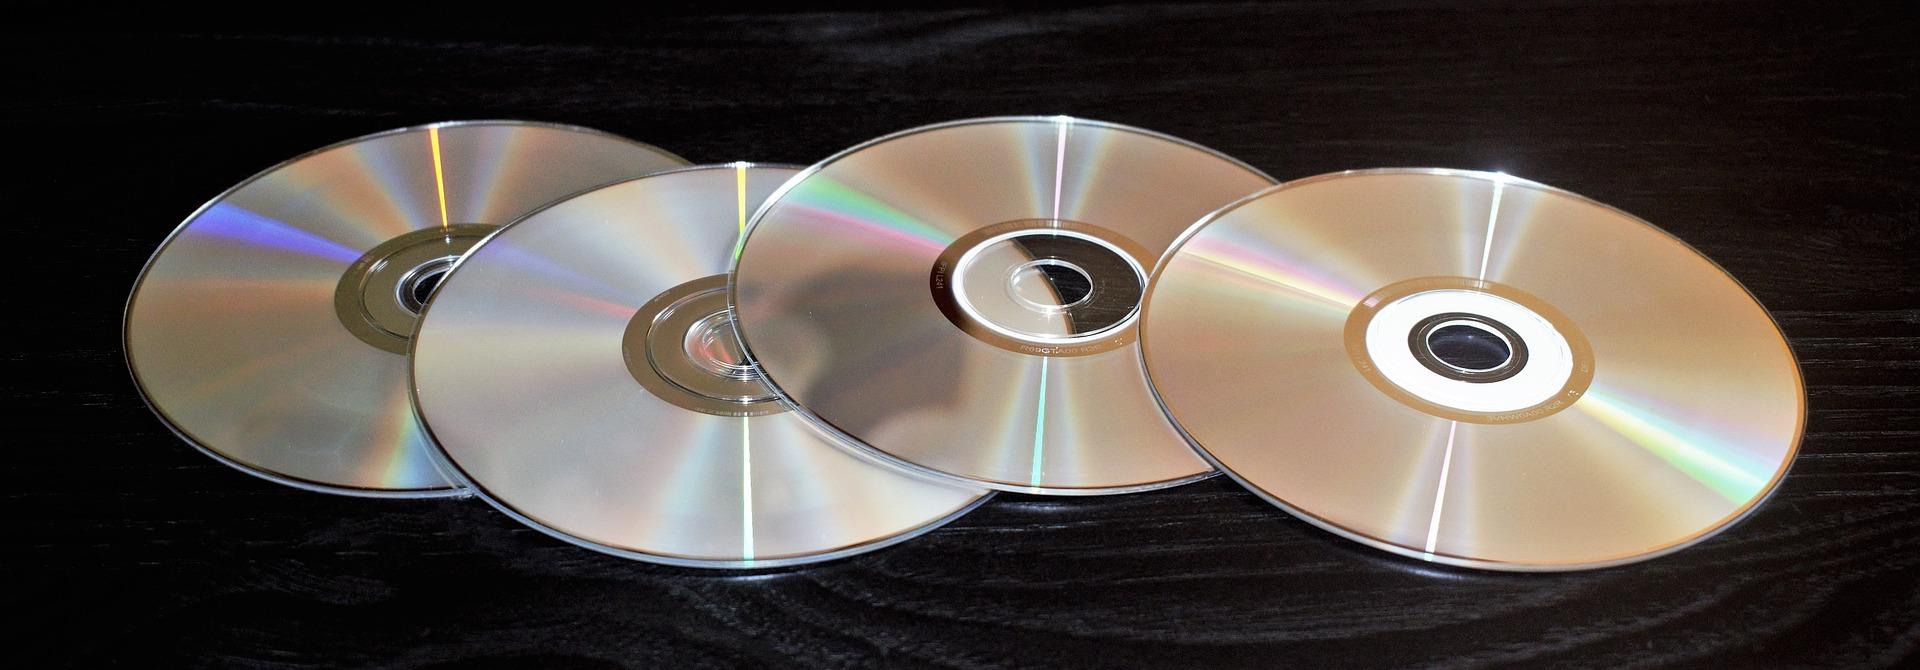 Basteln mit CDs: sinnvoll verwerten